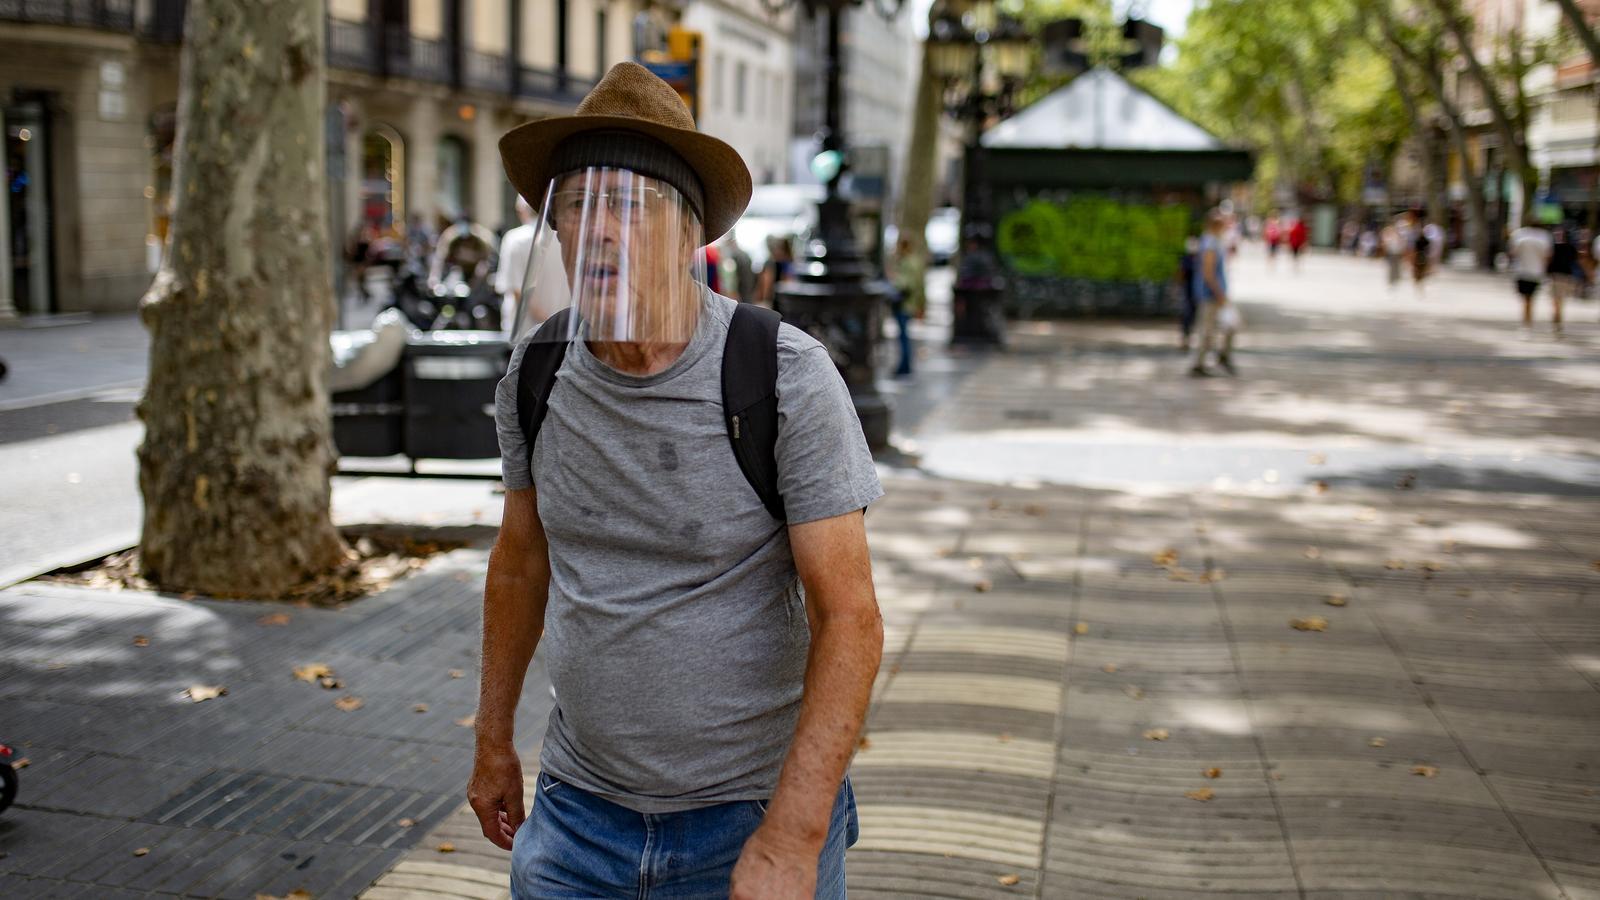 El Govern demana no sortir de casa a Barcelona i 12 municipis de l'àrea metropolitana, el Segrià i la Noguera